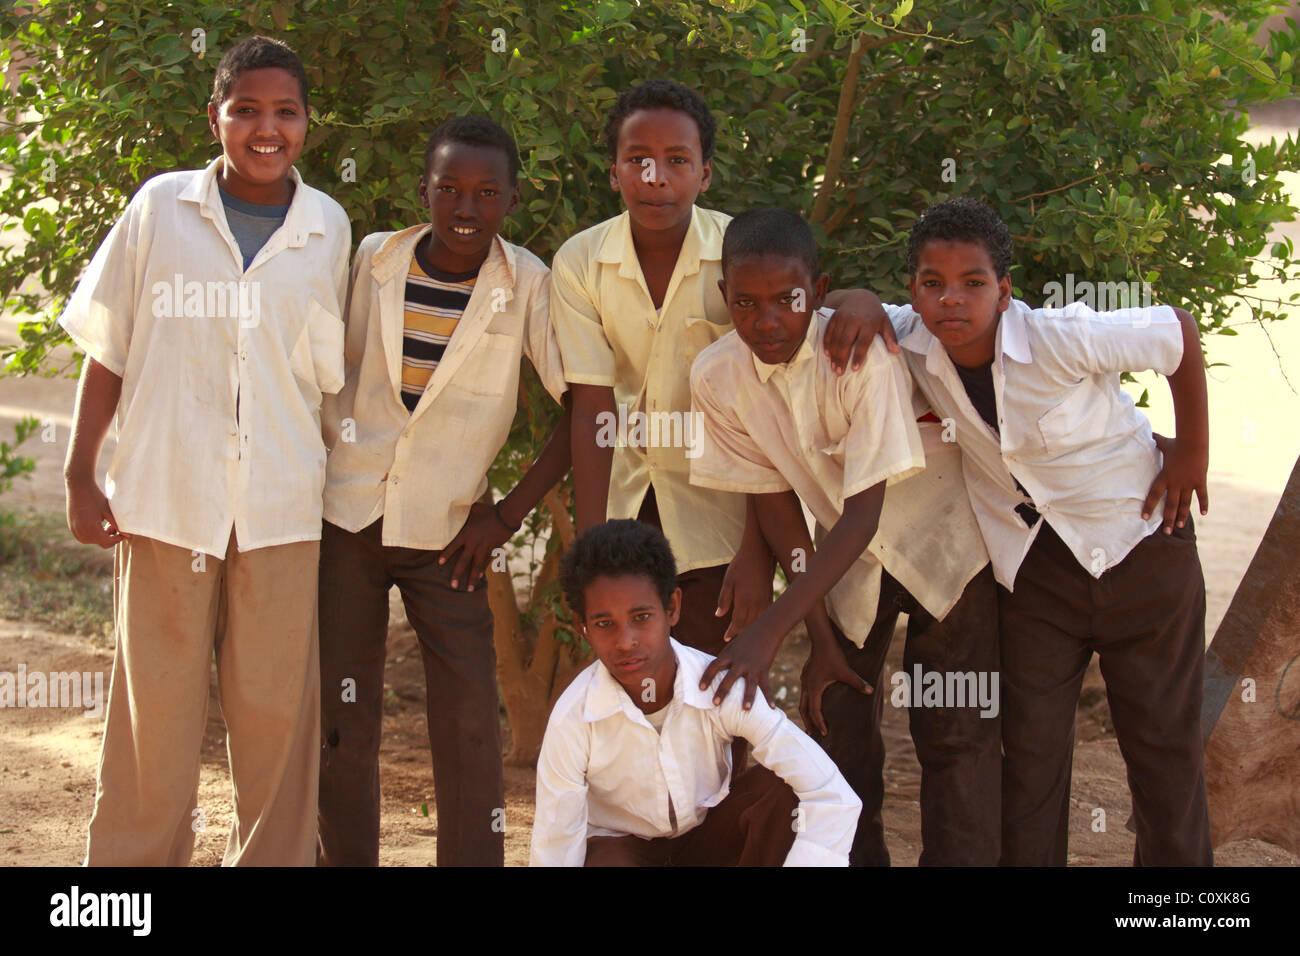 Schoolboys at school in Karima, Sudan. - Stock Image